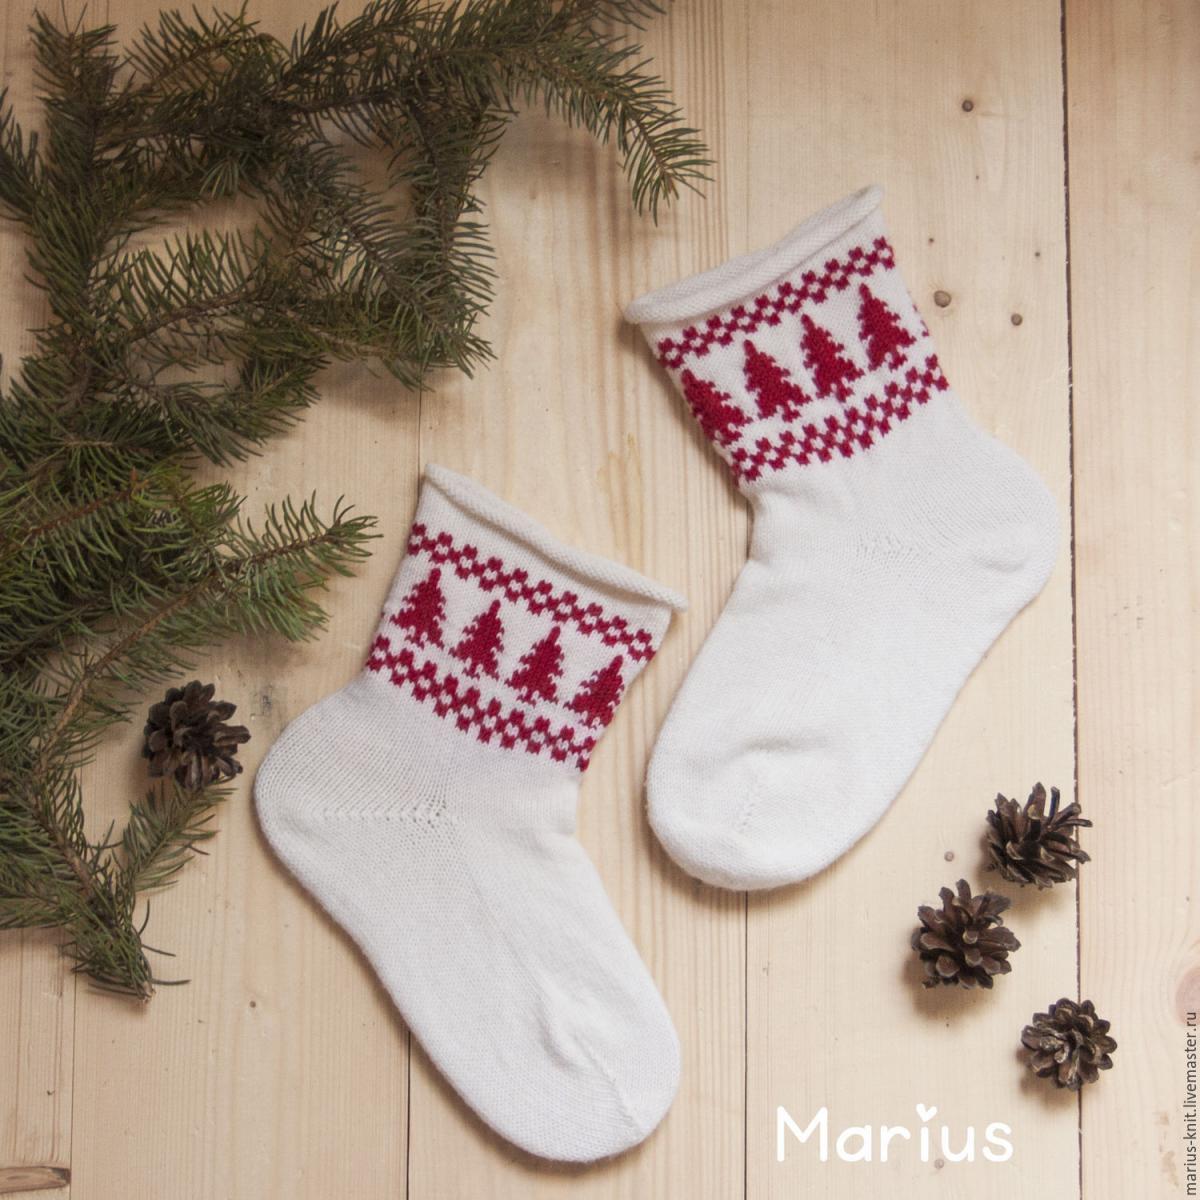 Чудовим подарунком для чоловіка стануть в'язані шкарпетки / фото Marius